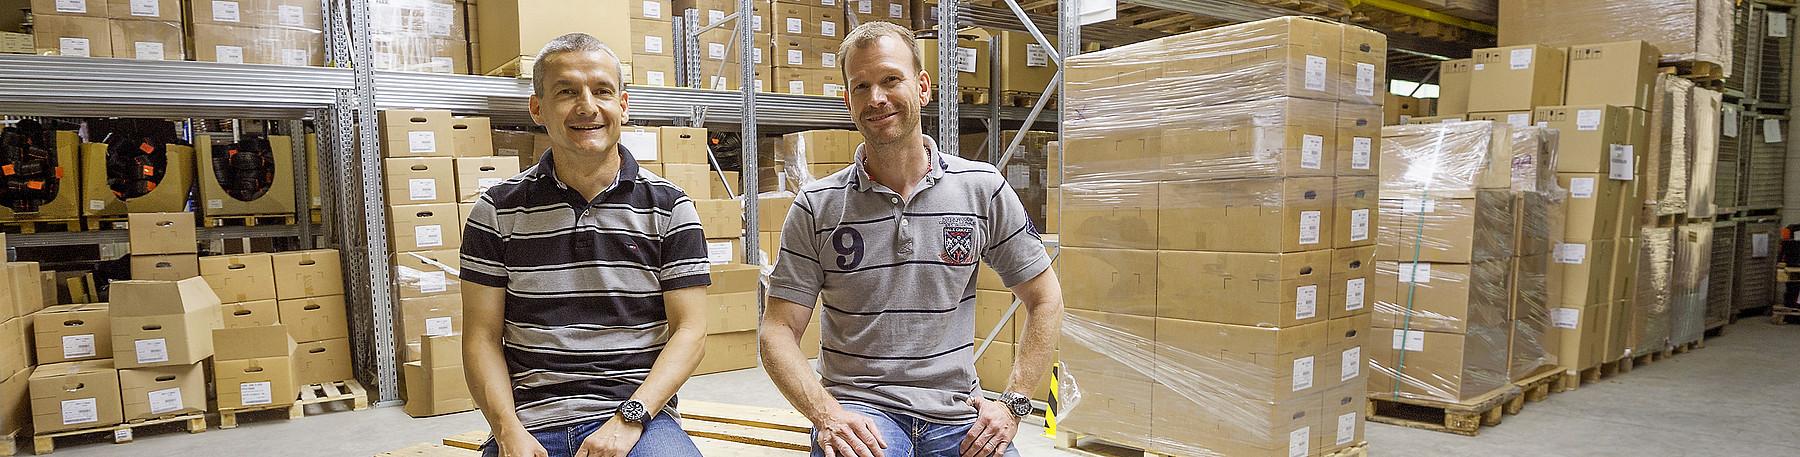 Autec Vertrieb GmbH